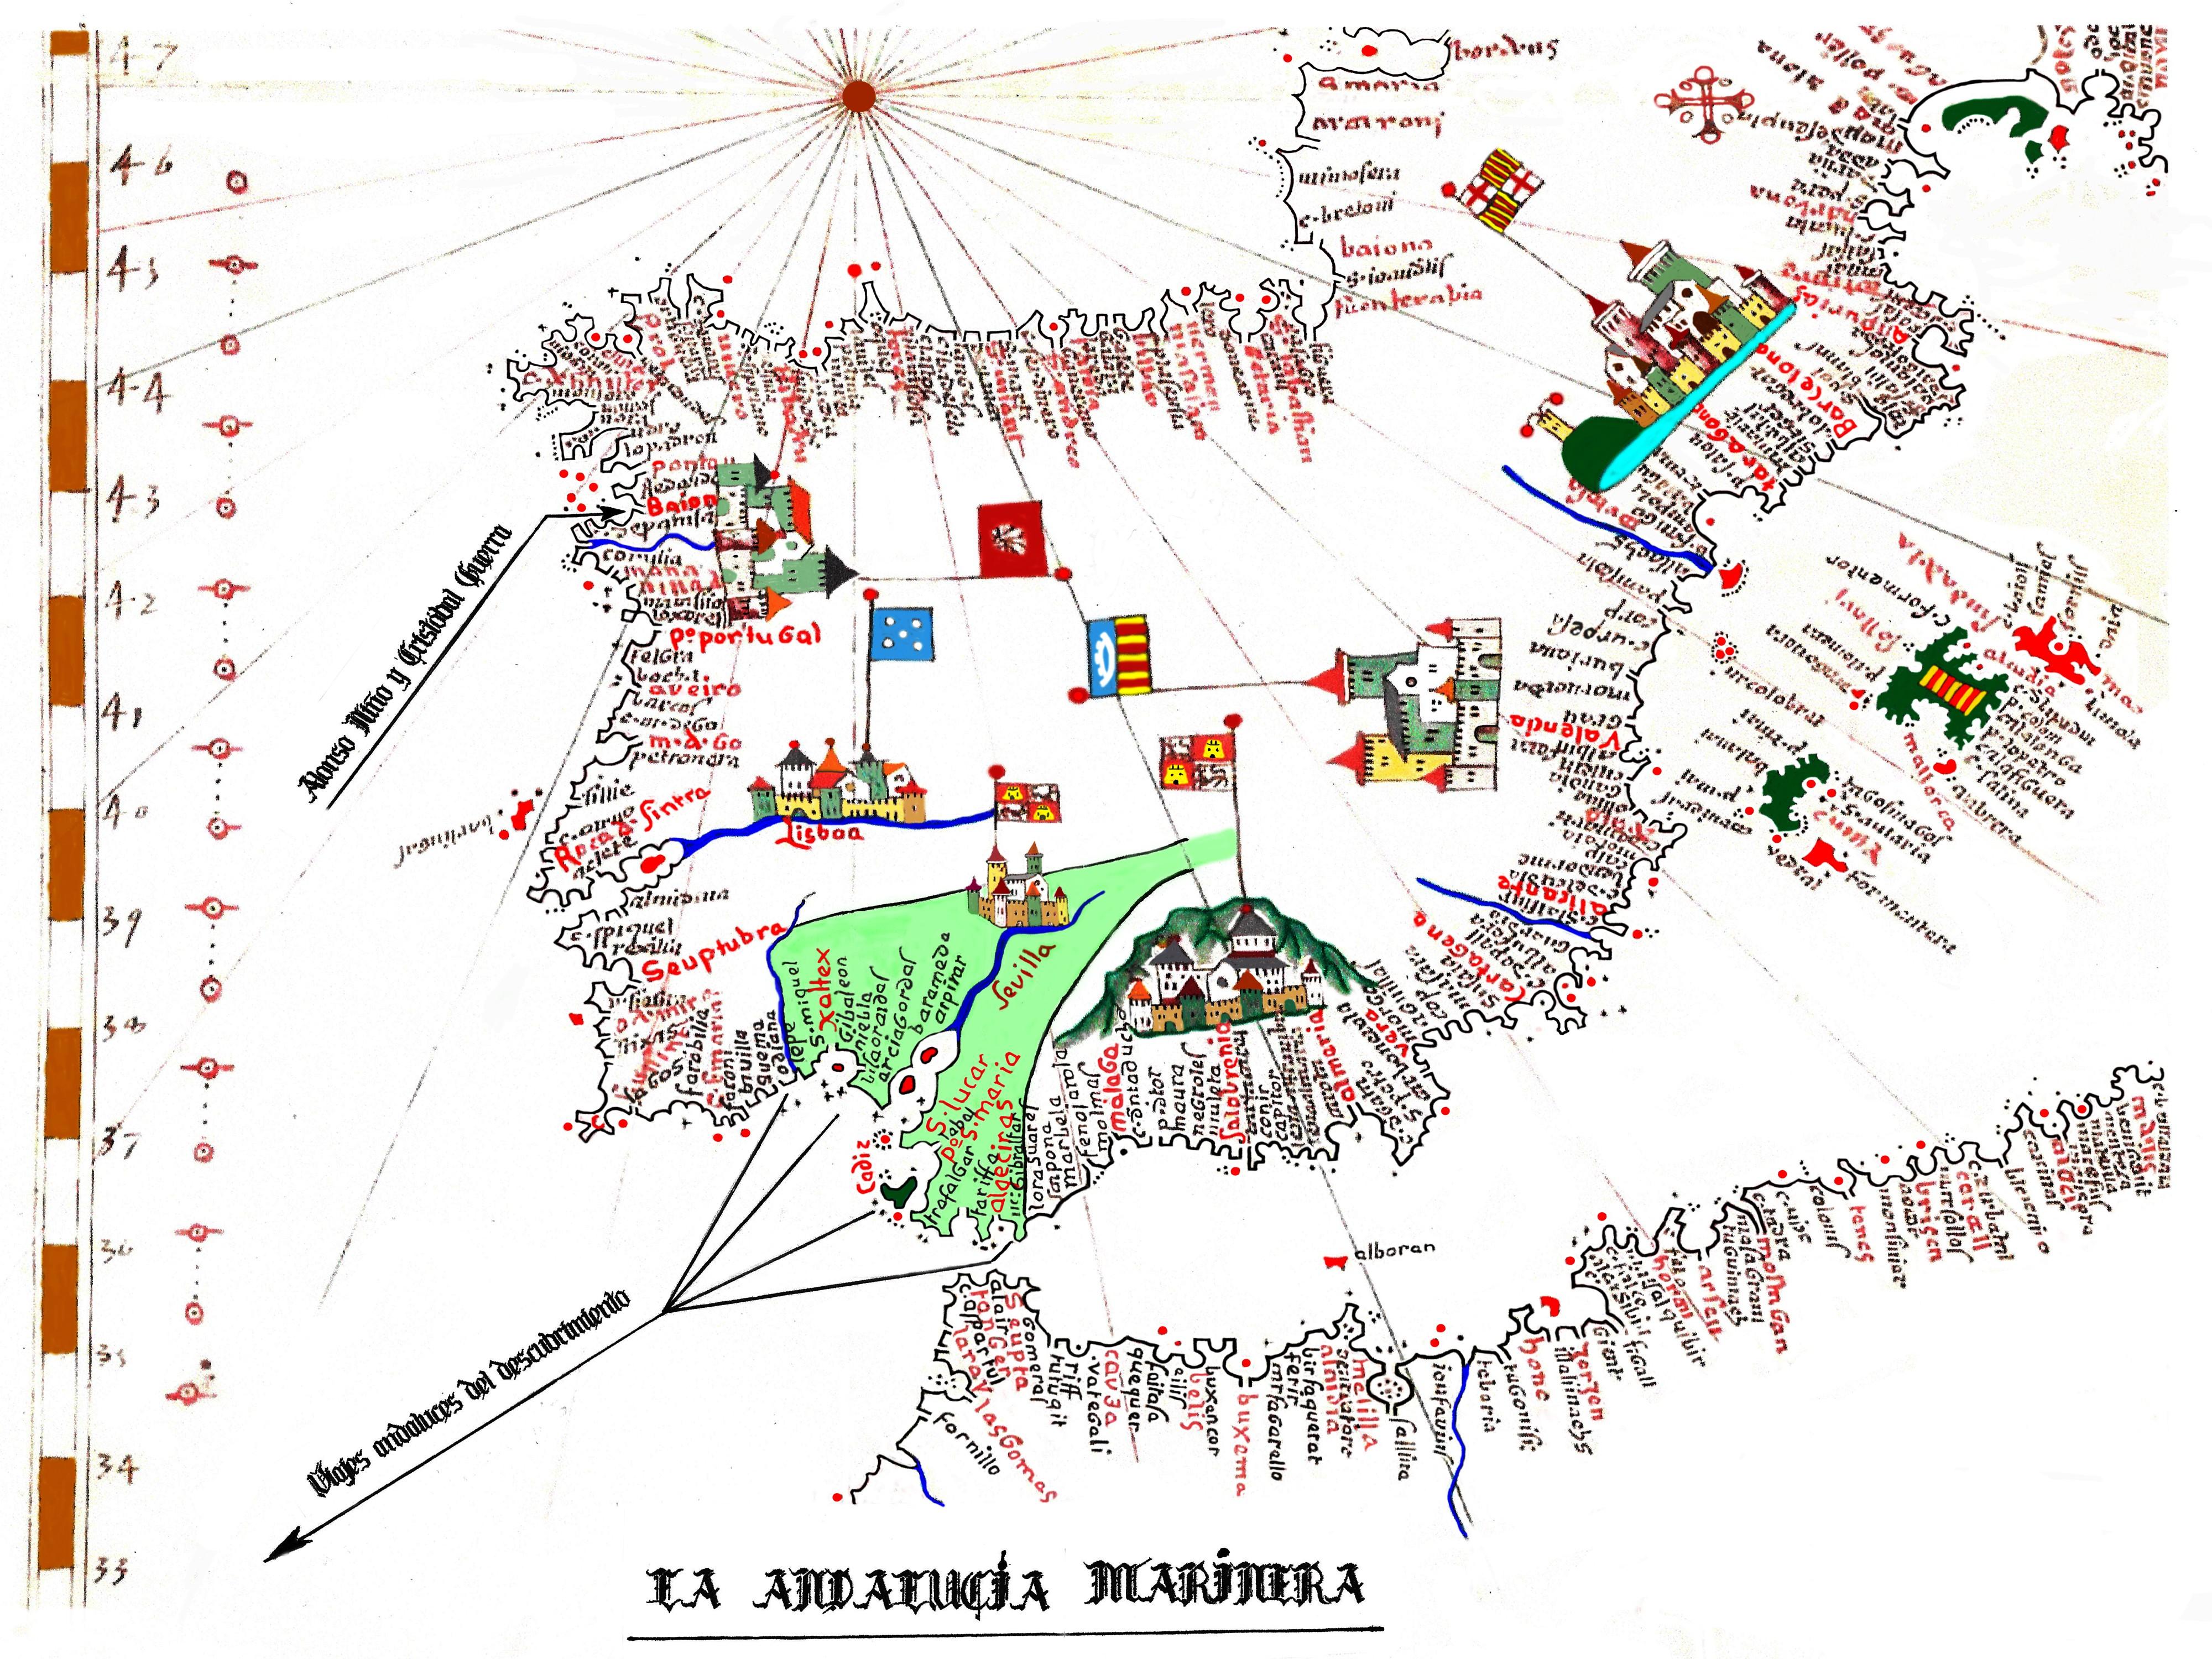 Calendario 2019 Basil.com Feriados Portugal Lisboa Más Actual Carlos V Of Calendario 2019 Basil.com Feriados Portugal Lisboa Más Recientes Sempesq Unit Blogs